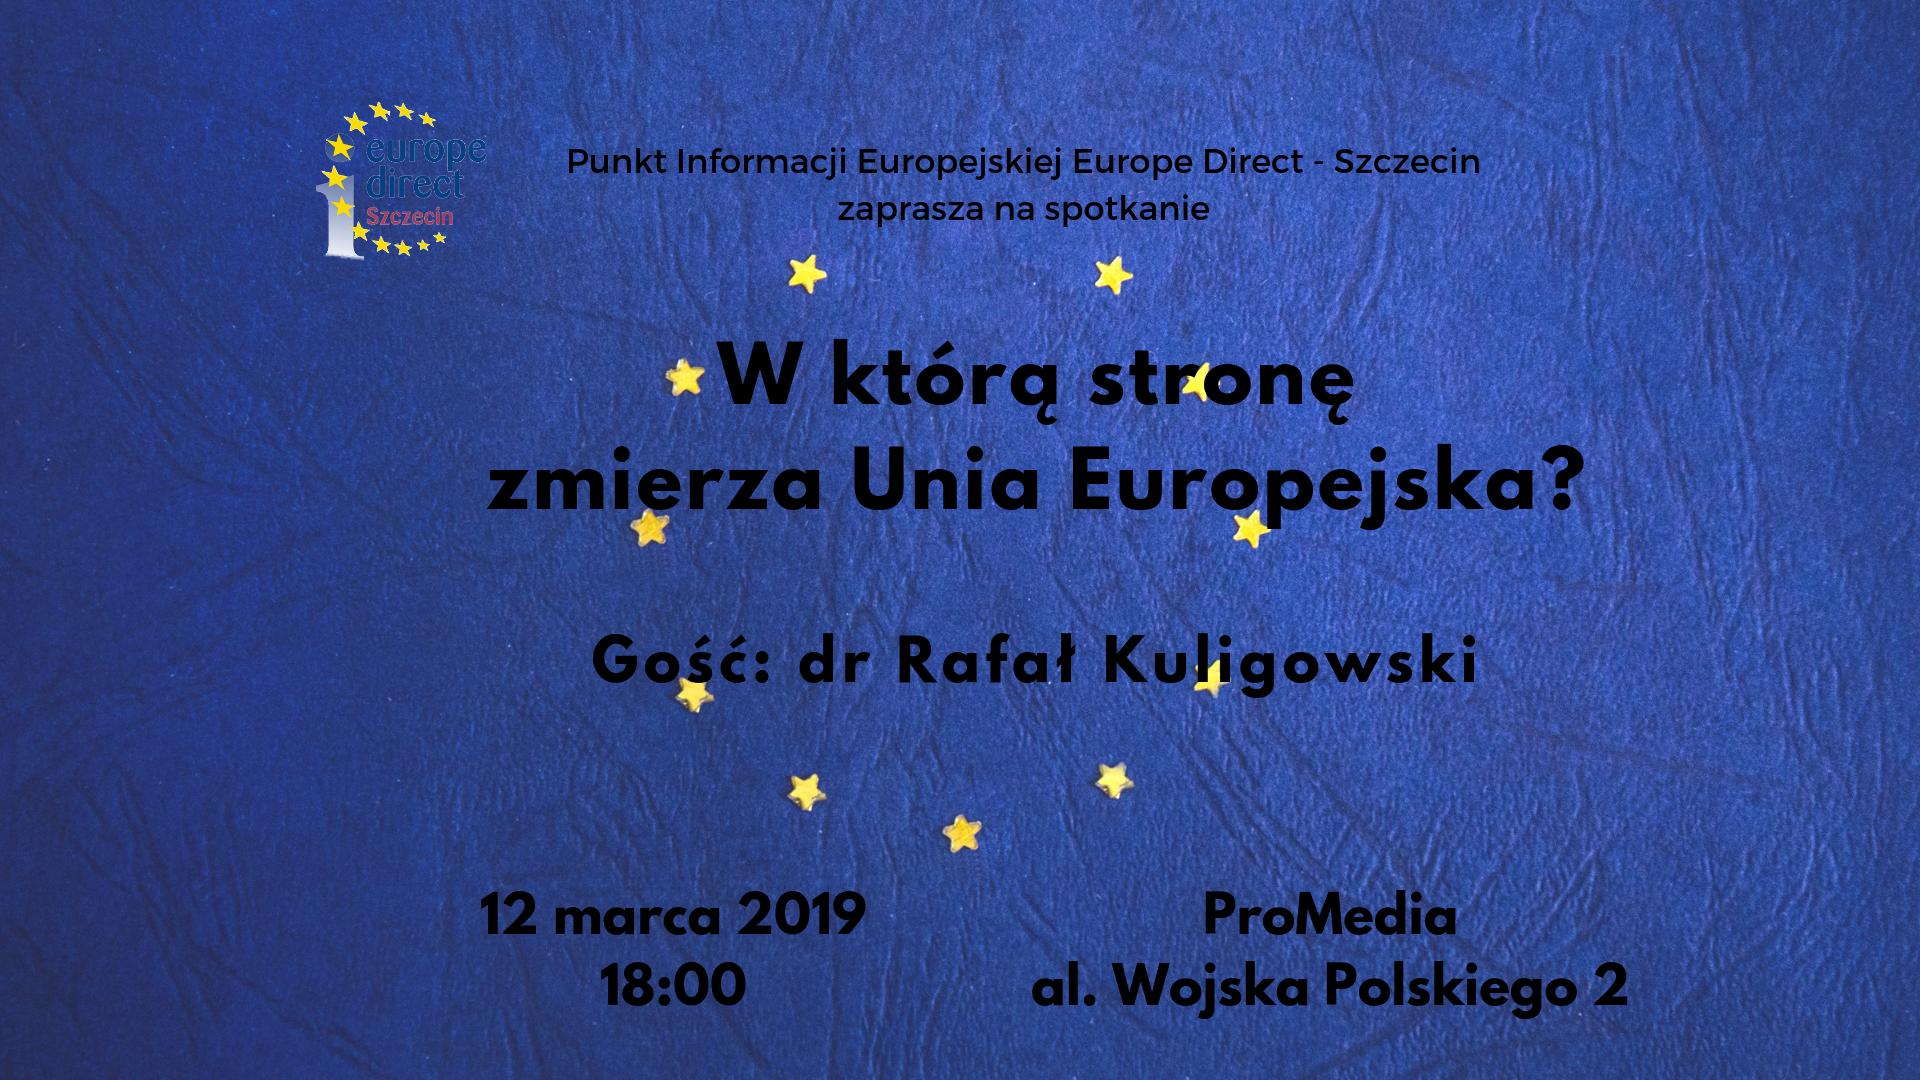 Spotkanie z dr. Rafałem Kuligowskim - W którą stronę zmierza Unia Europejska?